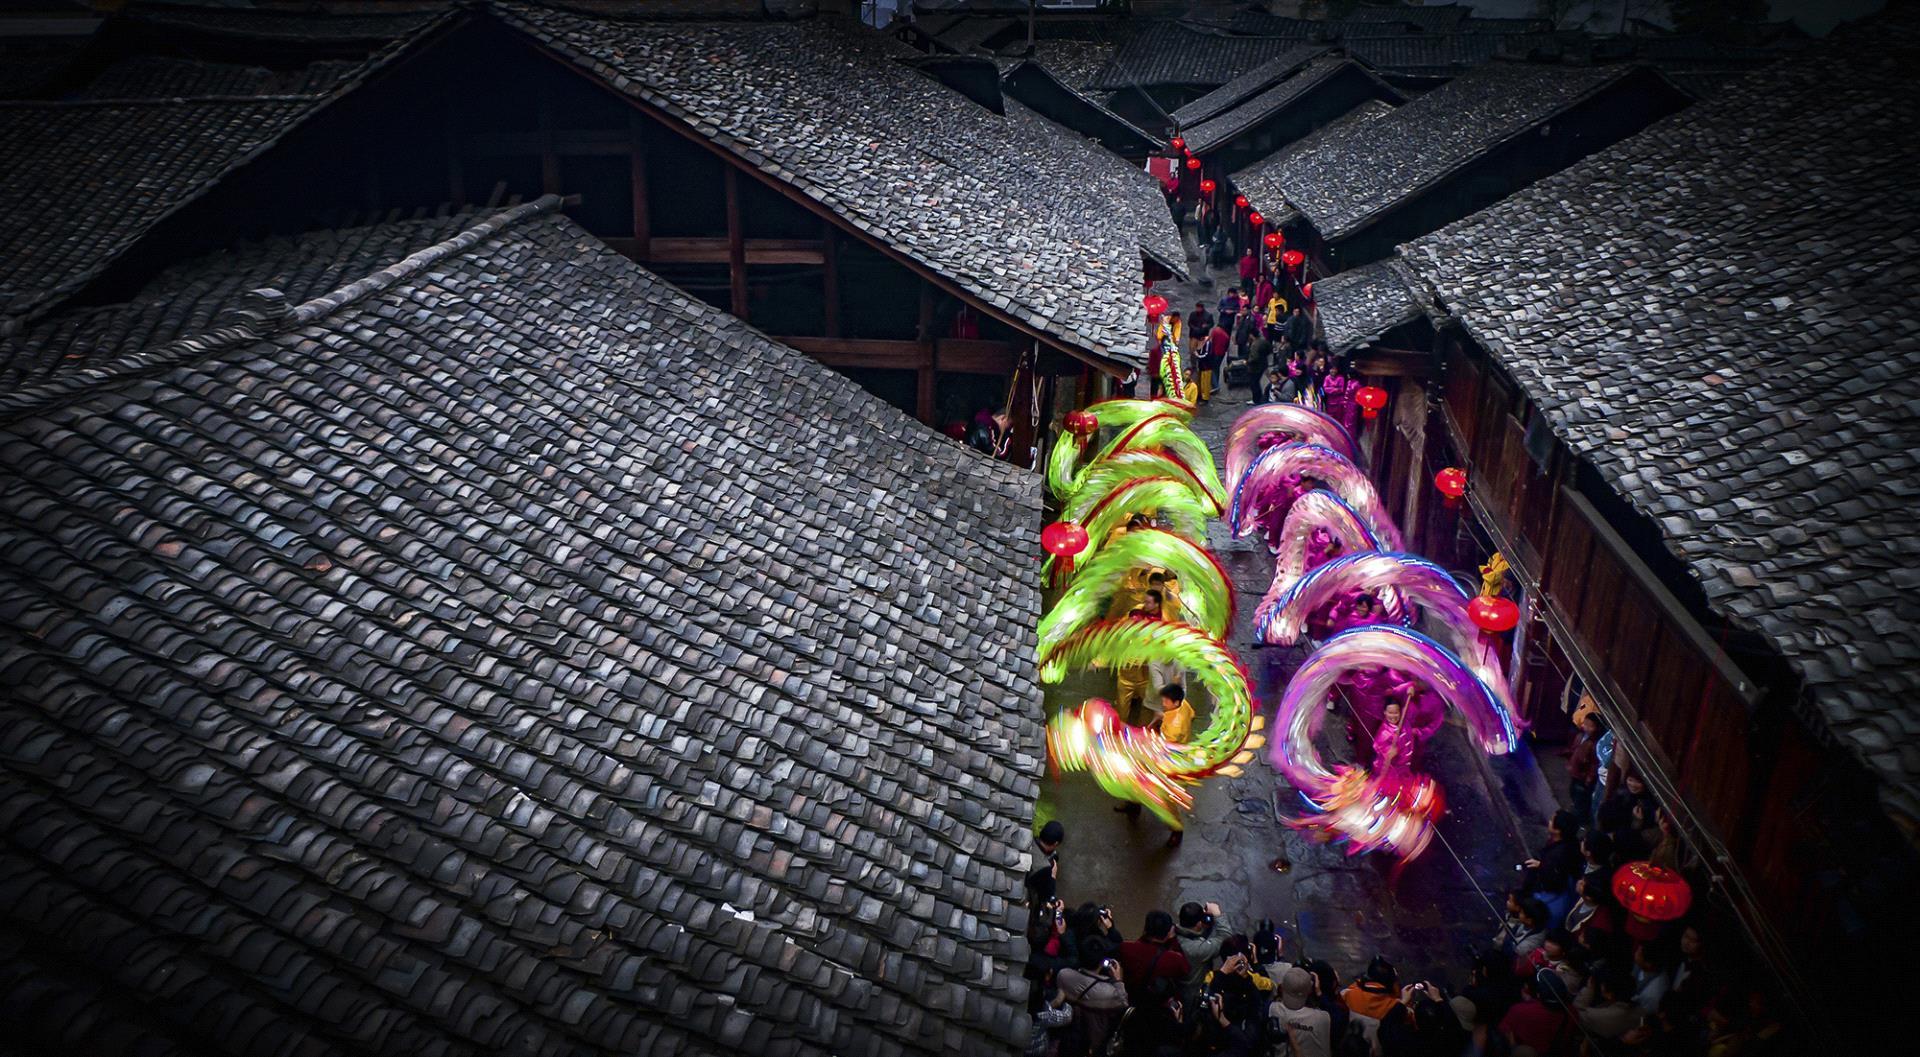 PSA HM Ribbons - Shenghua Yang (China) <br /> Old Street In Holiday